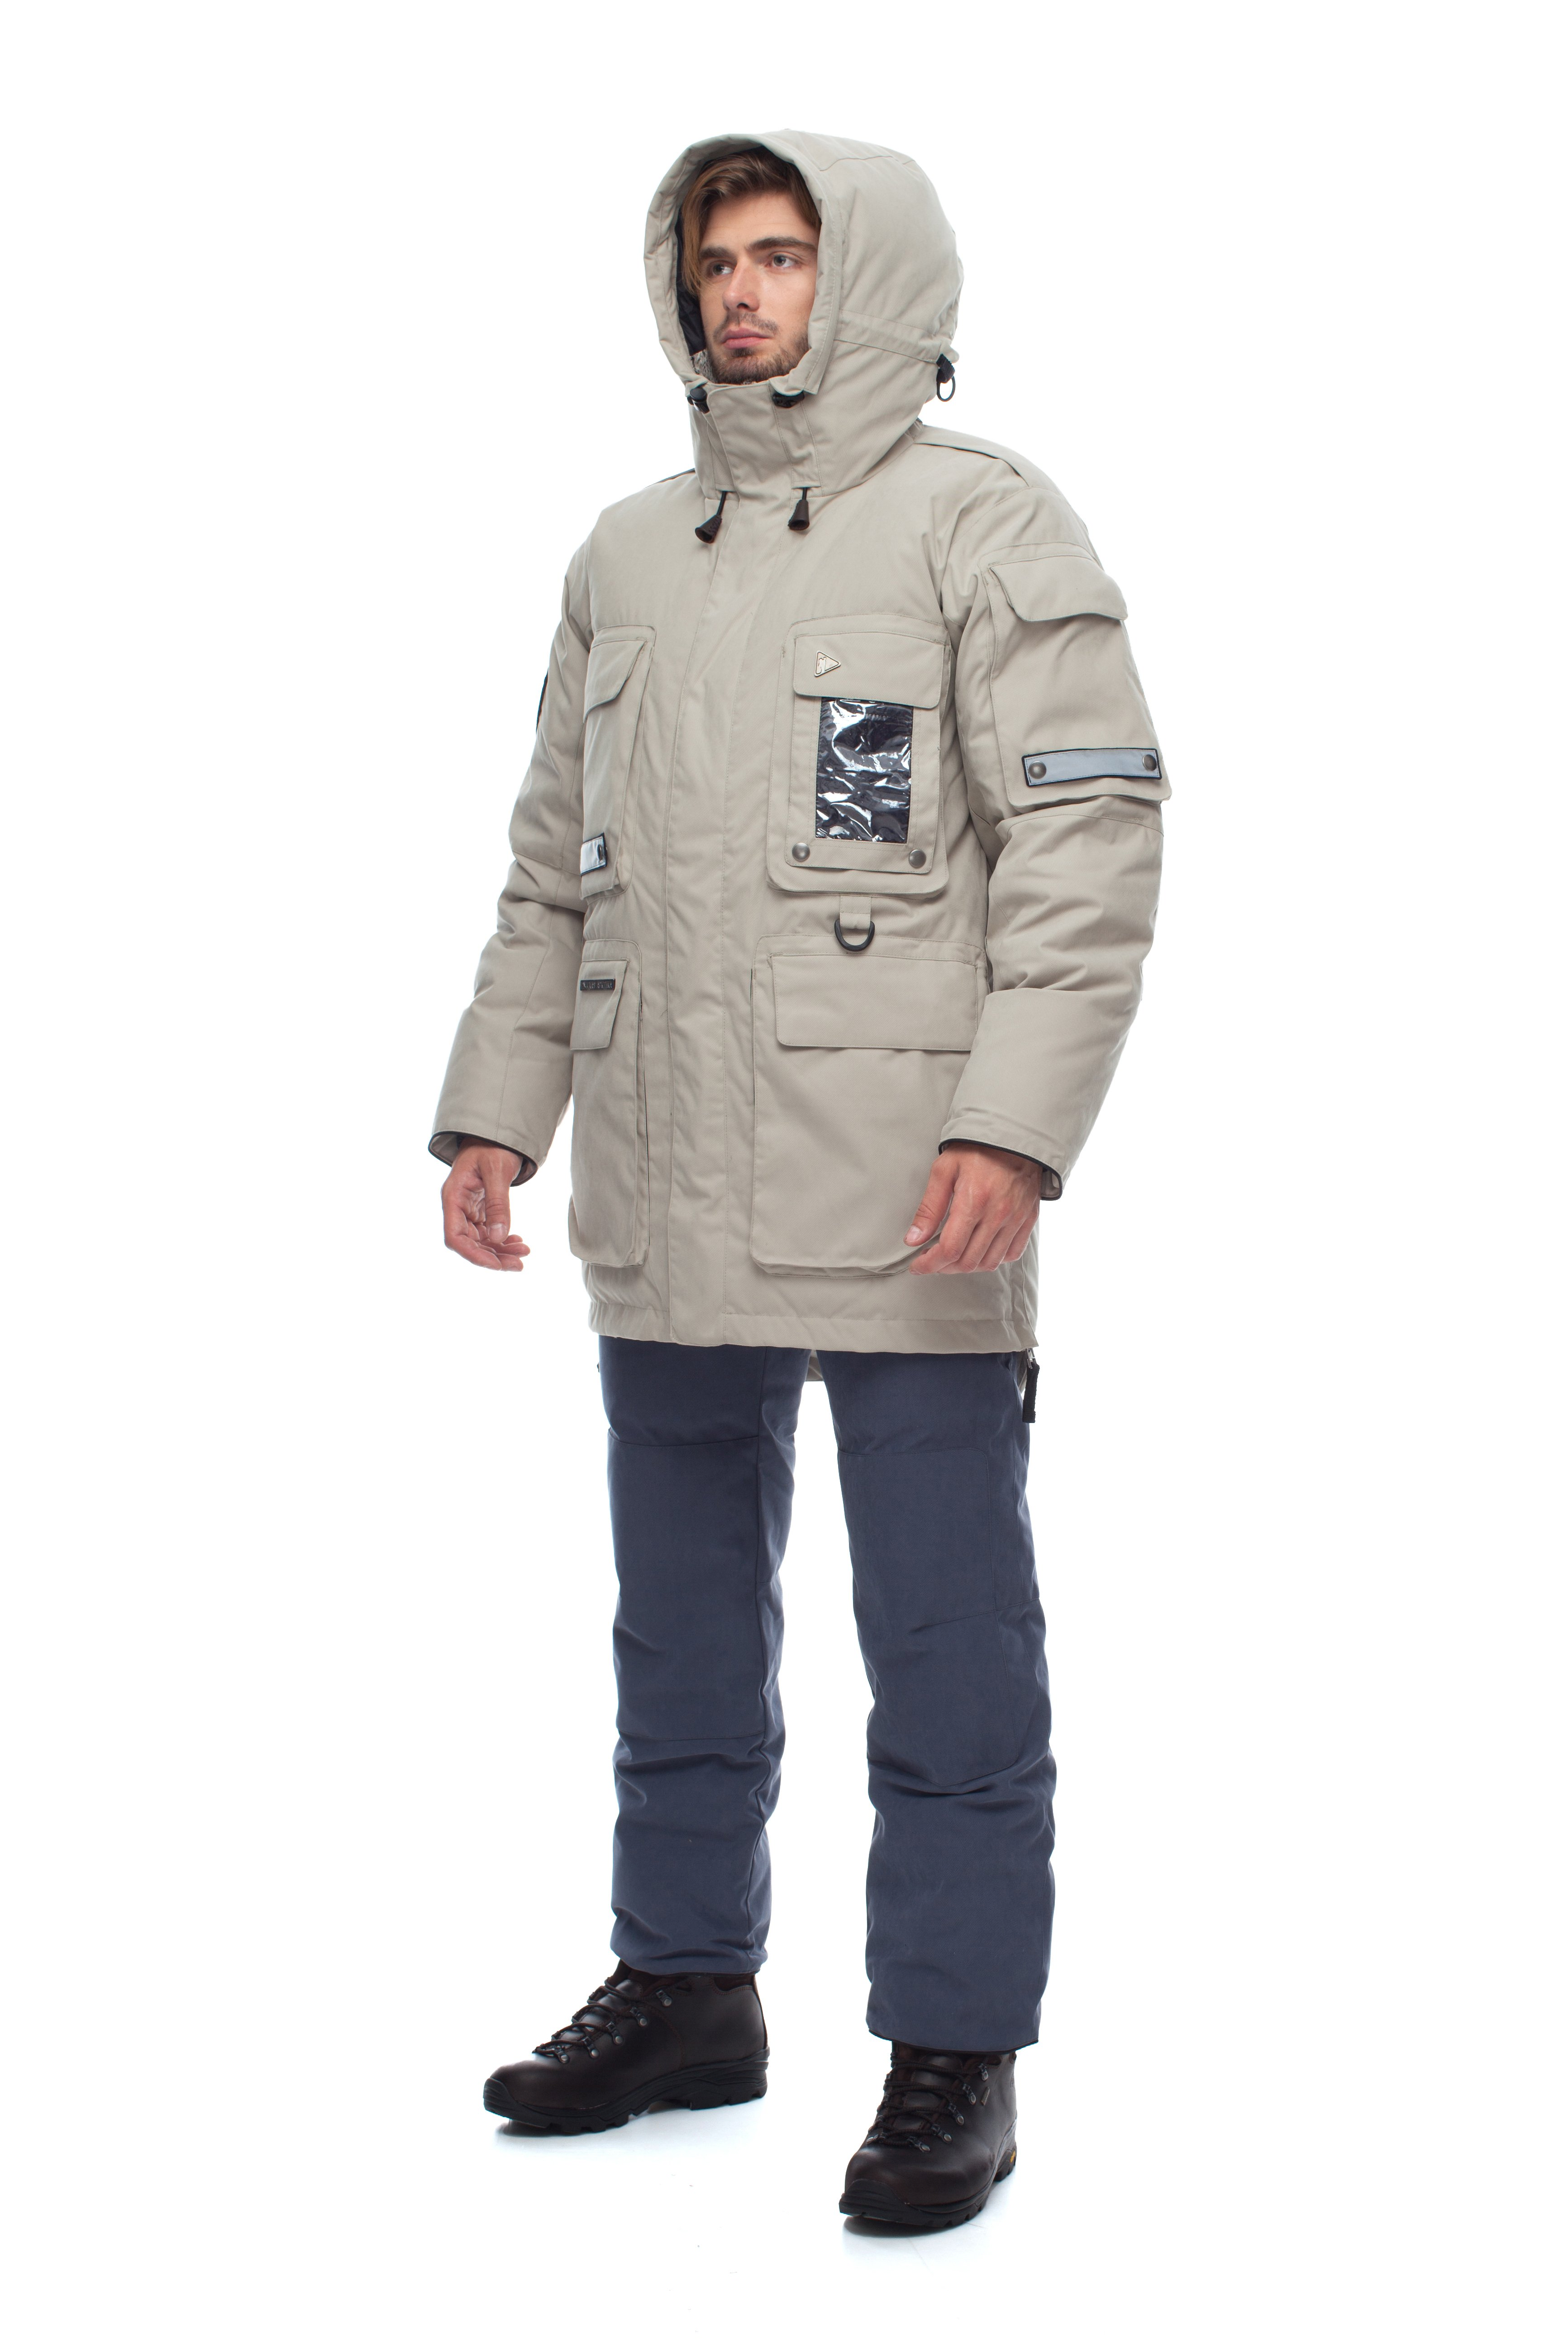 Пуховая куртка BASK YAMAL 3772Тепло дешевле летом<br><br><br>Верхняя ткань: Advance® Alaska<br>Вес граммы: 2725<br>Ветро-влагозащитные свойства верхней ткани: Да<br>Ветрозащитная планка: Да<br>Ветрозащитная юбка: Да<br>Влагозащитные молнии: Нет<br>Внутренние манжеты: Да<br>Внутренняя ткань: Advance® Classic<br>Водонепроницаемость: 5000<br>Дублирующий центральную молнию клапан: Да<br>Защитный козырёк капюшона: Нет<br>Капюшон: Несъемный<br>Карман для средств связи: Да<br>Количество внешних карманов: 7<br>Количество внутренних карманов: 6<br>Мембрана: Да<br>Объемный крой локтевой зоны: Да<br>Отстёгивающиеся рукава: Нет<br>Паропроницаемость: 5000<br>Показатель Fill Power (для пуховых изделий): 650<br>Проклейка швов: Нет<br>Регулировка манжетов рукавов: Нет<br>Регулировка низа: Нет<br>Регулировка объёма капюшона: Да<br>Регулировка талии: Да<br>Регулируемые вентиляционные отверстия: Нет<br>Световозвращающая лента: Да<br>Температурный режим: -40<br>Технология Thermal Welding: Нет<br>Технология швов: Простые<br>Тип молнии: Двухзамковая<br>Тип утеплителя: Натуральный<br>Усиление контактных зон: Да<br>Утеплитель: Гусиный пух<br>Размер RU: 44<br>Цвет: ЧЕРНЫЙ